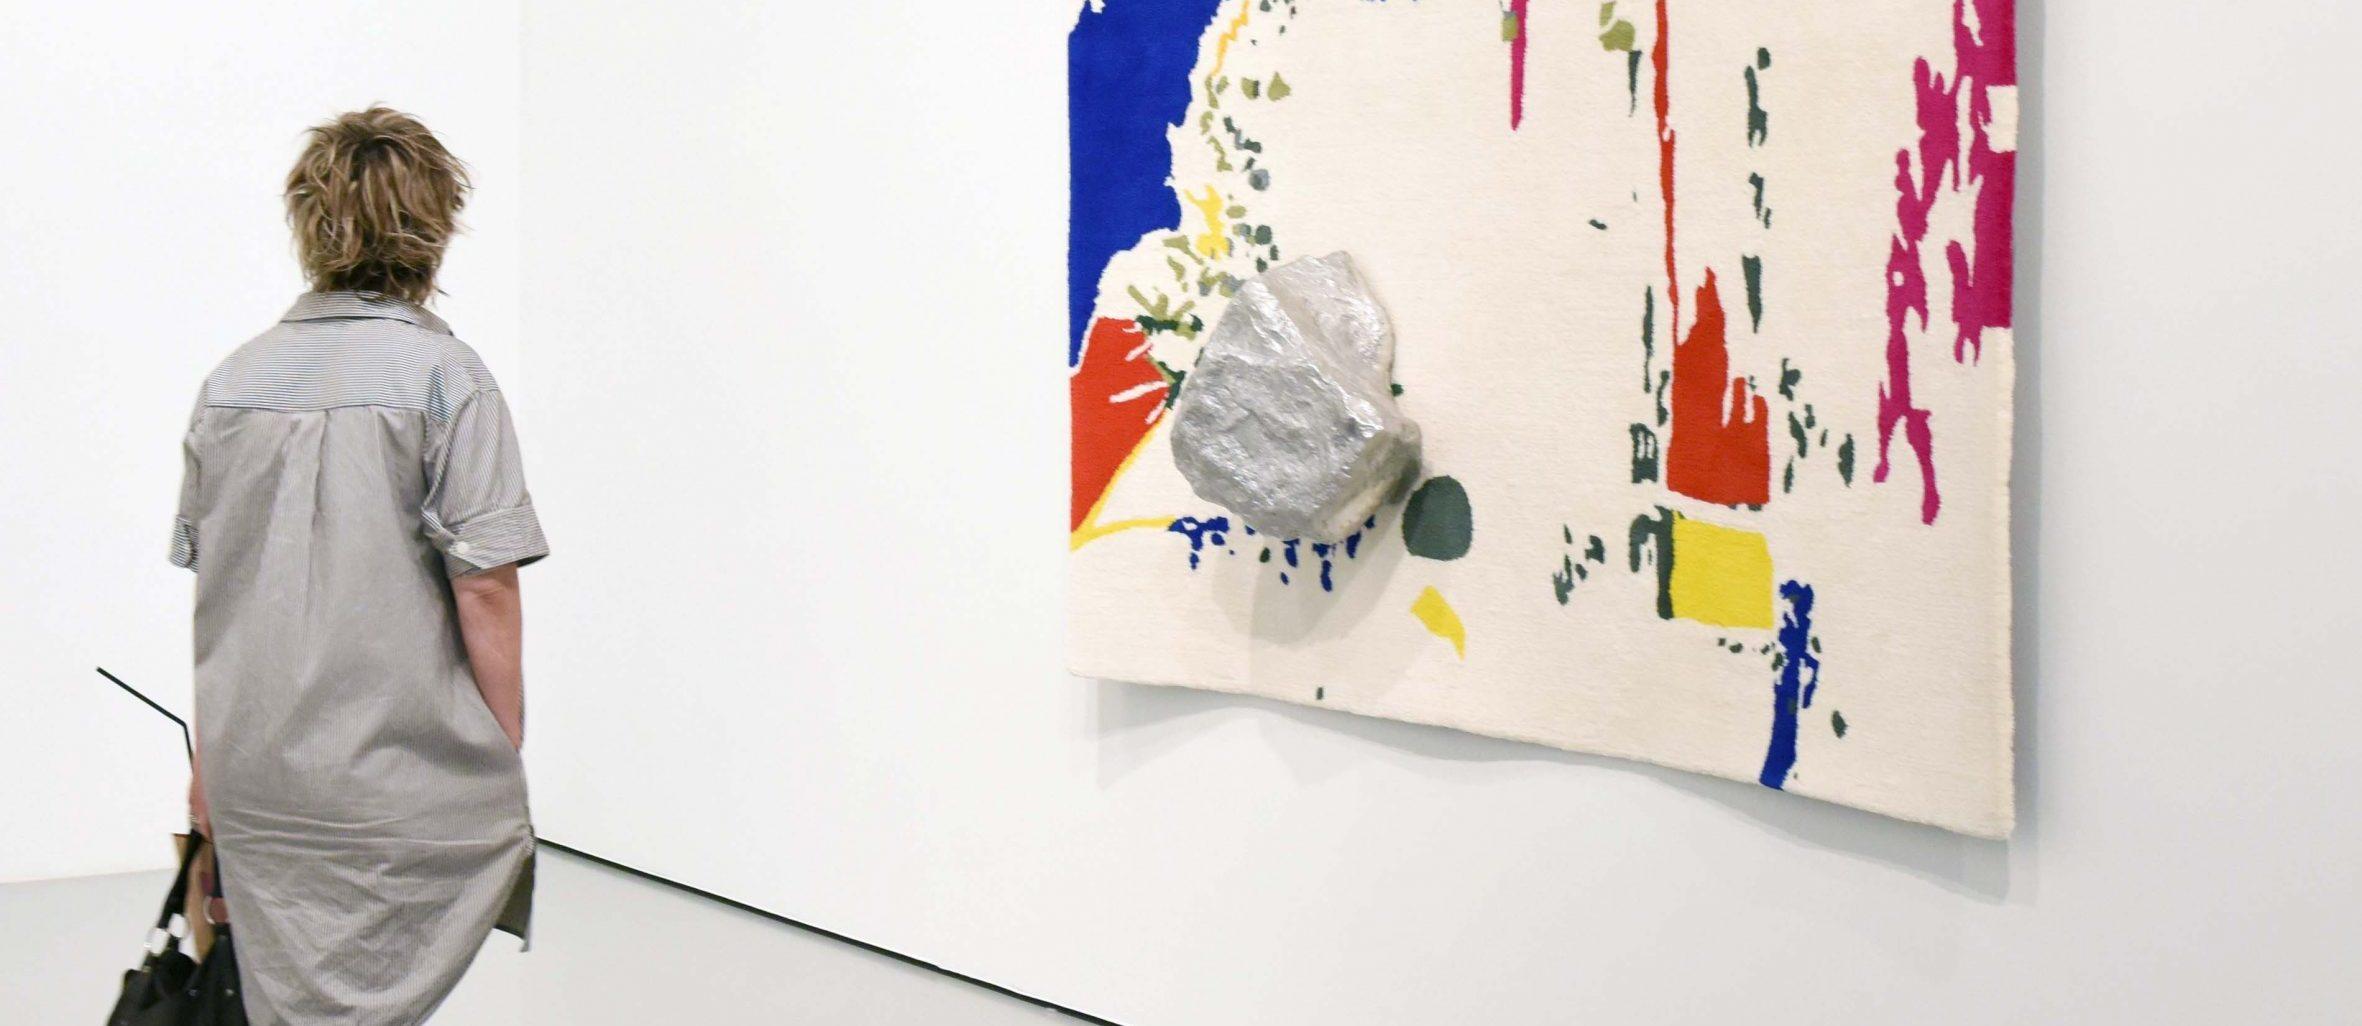 Visitor with the artwork of Saskia Noor van Imhoff. Photo: Diewke van den Heuvel